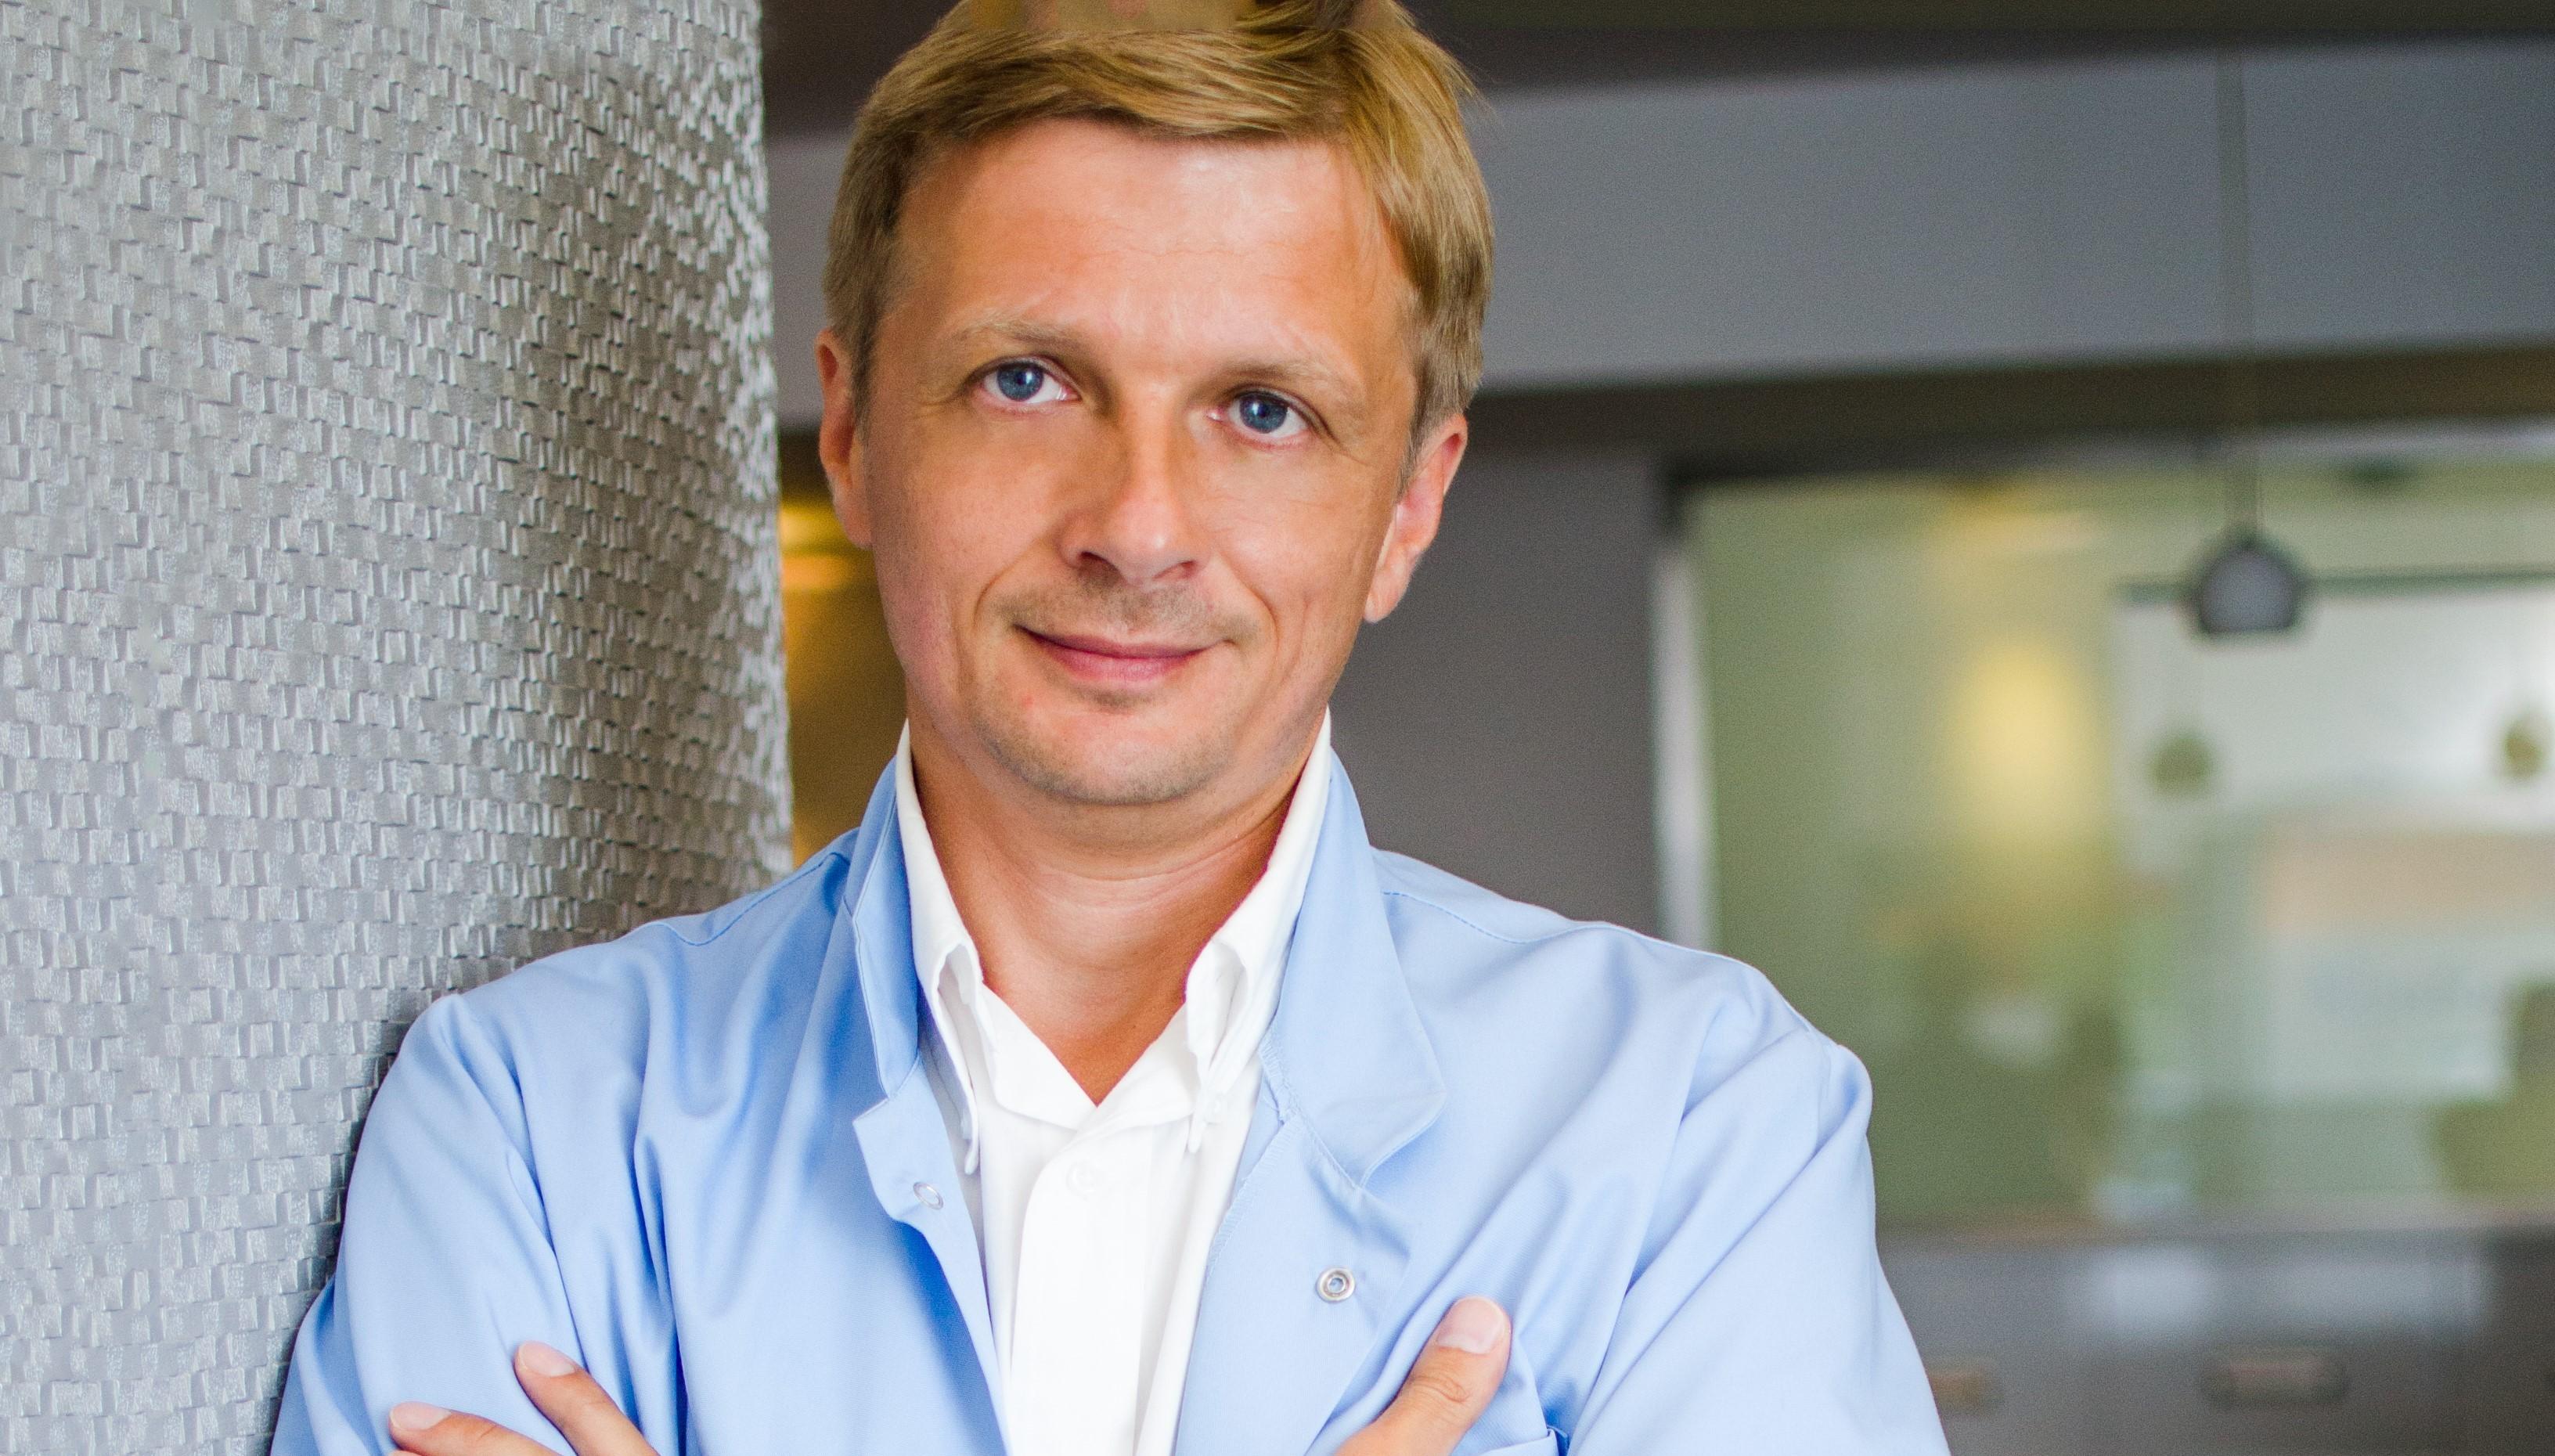 Kim jest lekarz medycyny estetycznej w Polsce?